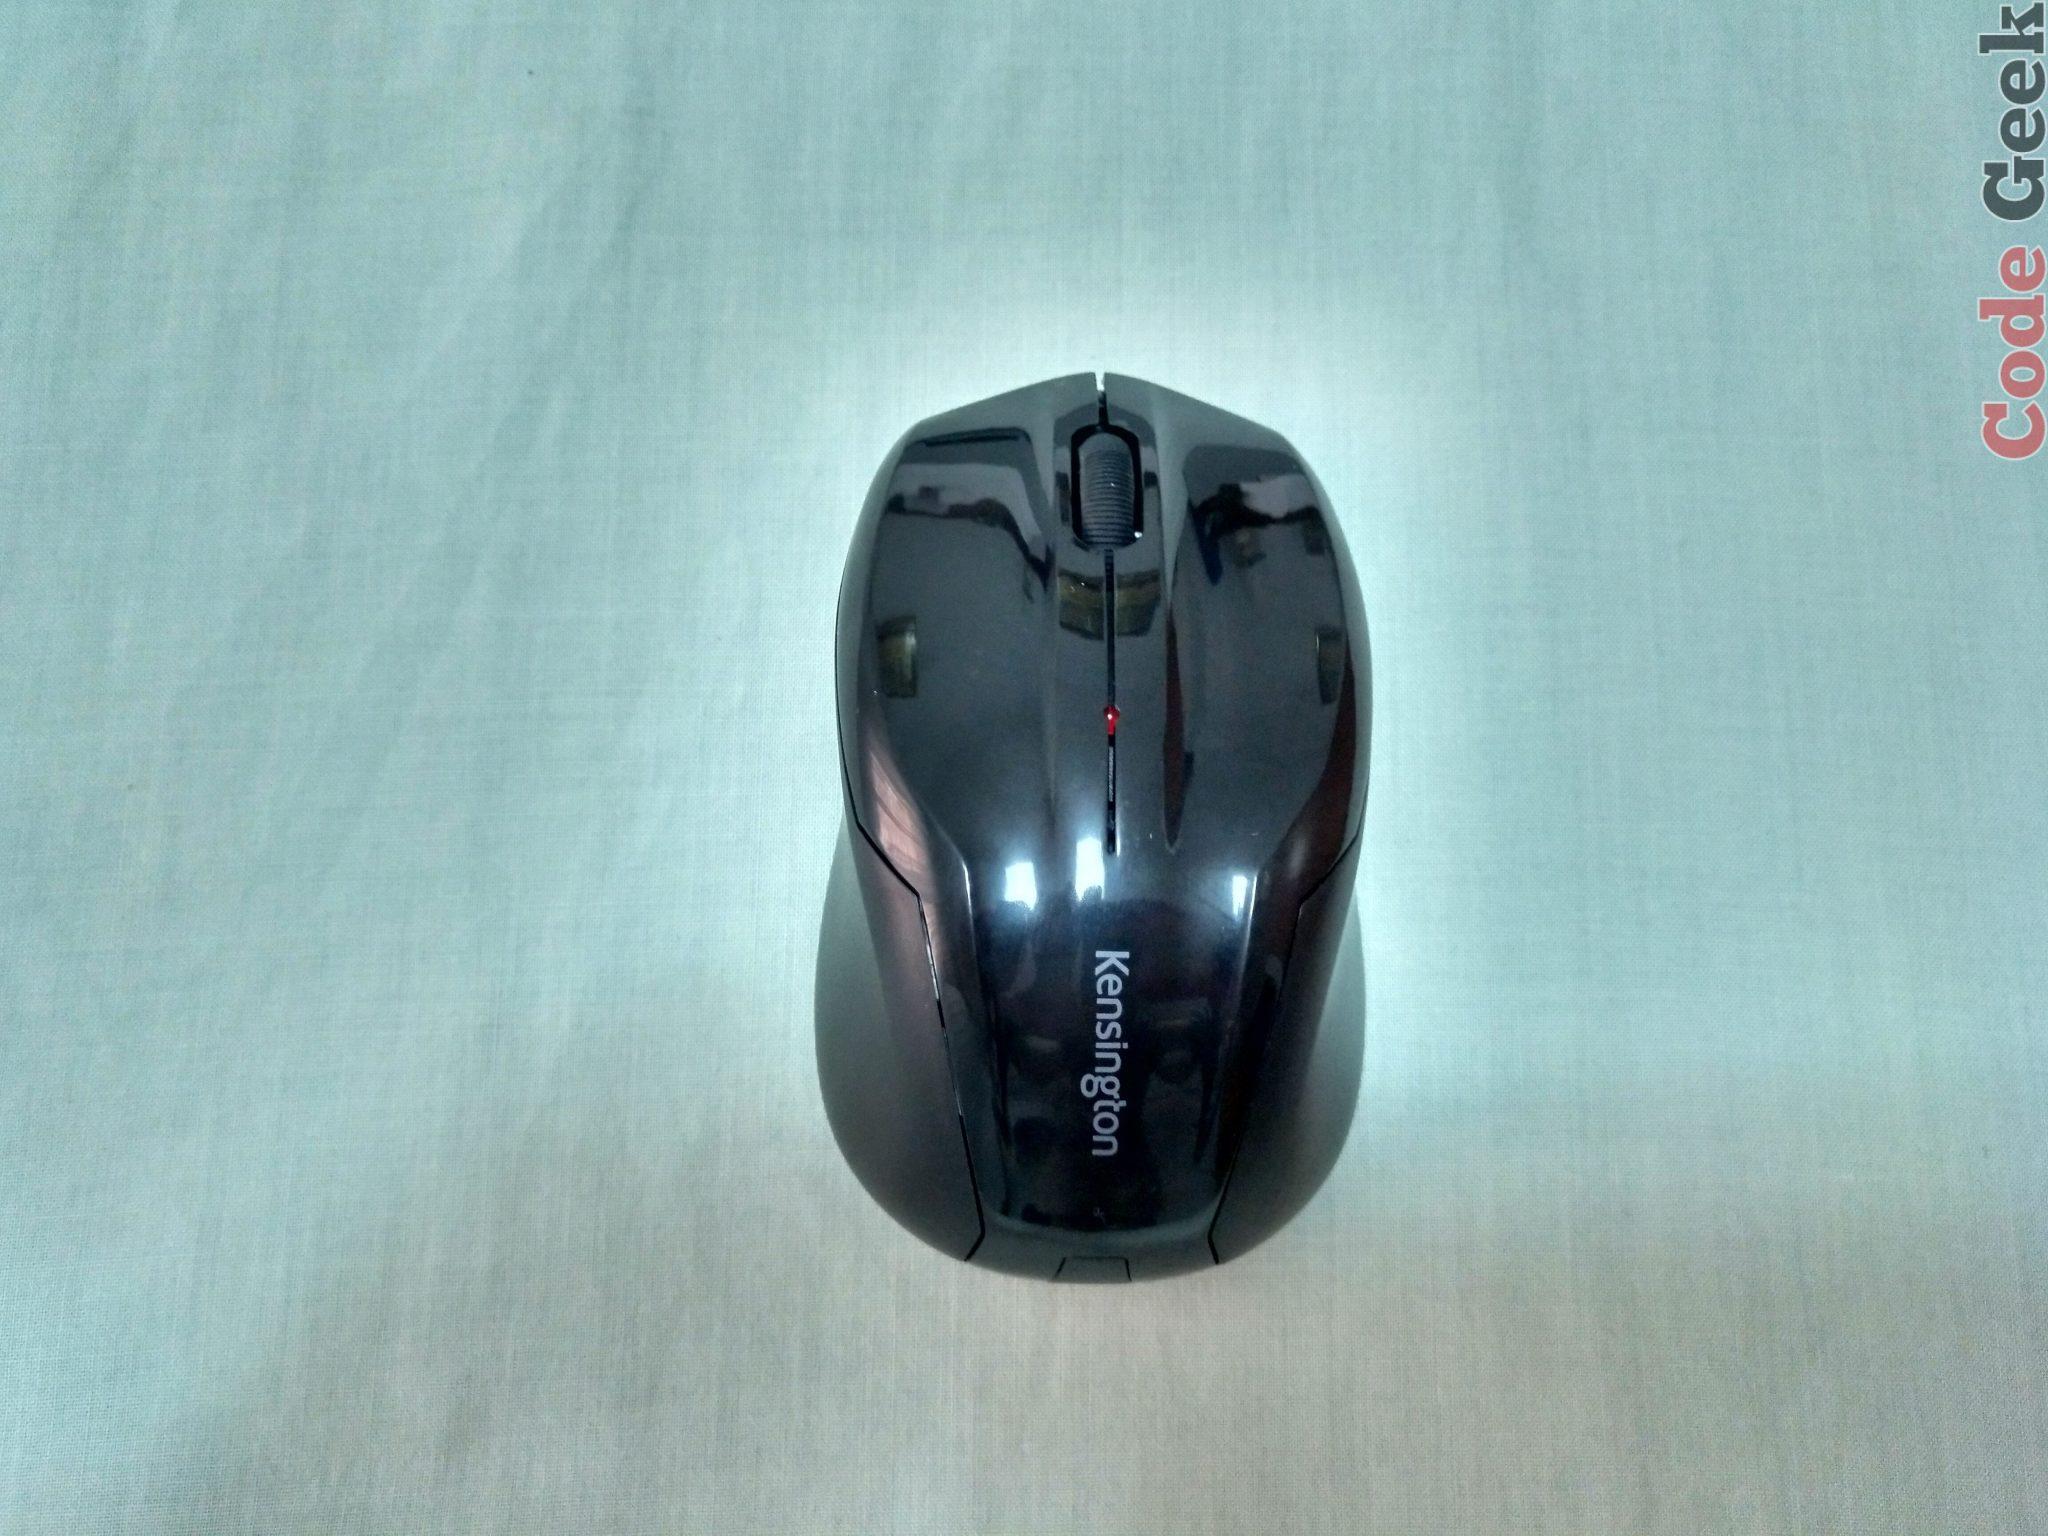 Conjunto de ratón y teclado inalámbricos de perfil bajo Pro Fit® de Kensington Review